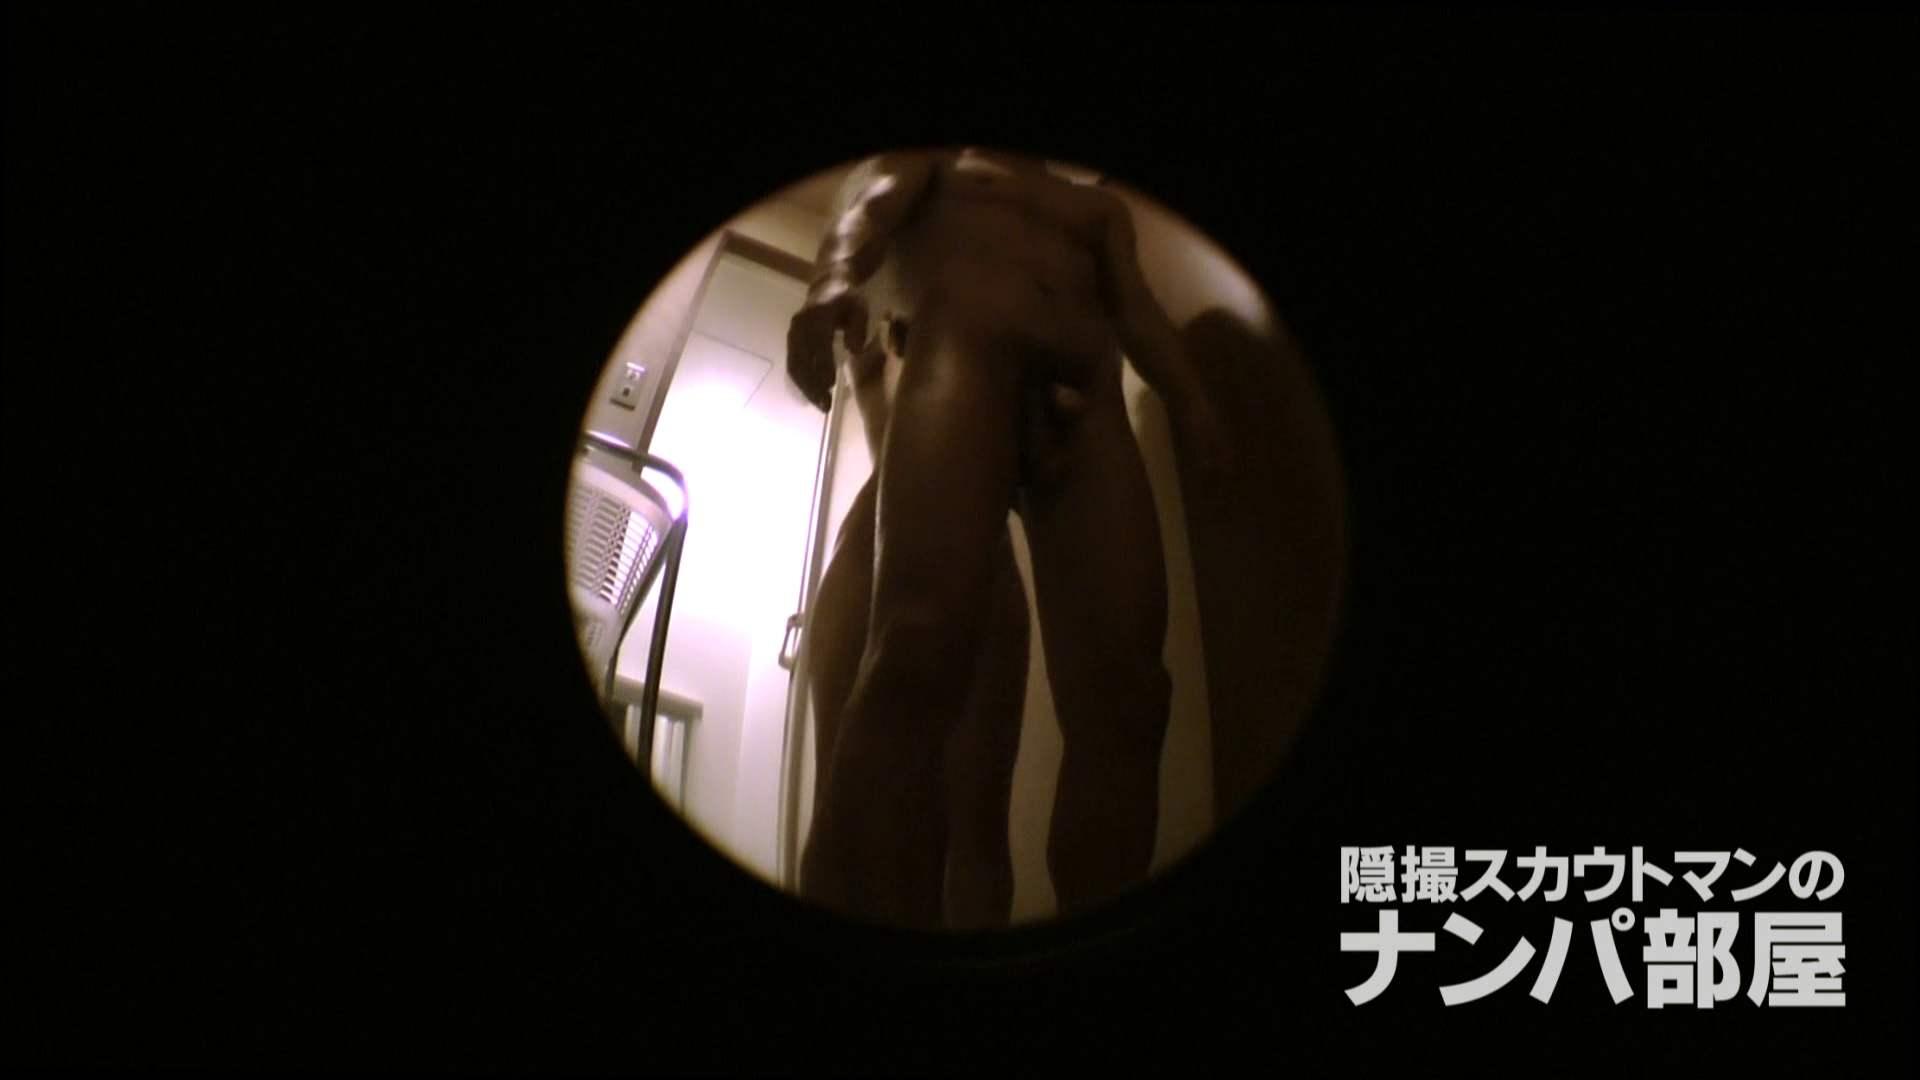 隠撮スカウトマンのナンパ部屋~風俗デビュー前のつまみ食い~ siivol.3 隠撮 SEX無修正画像 39連発 39